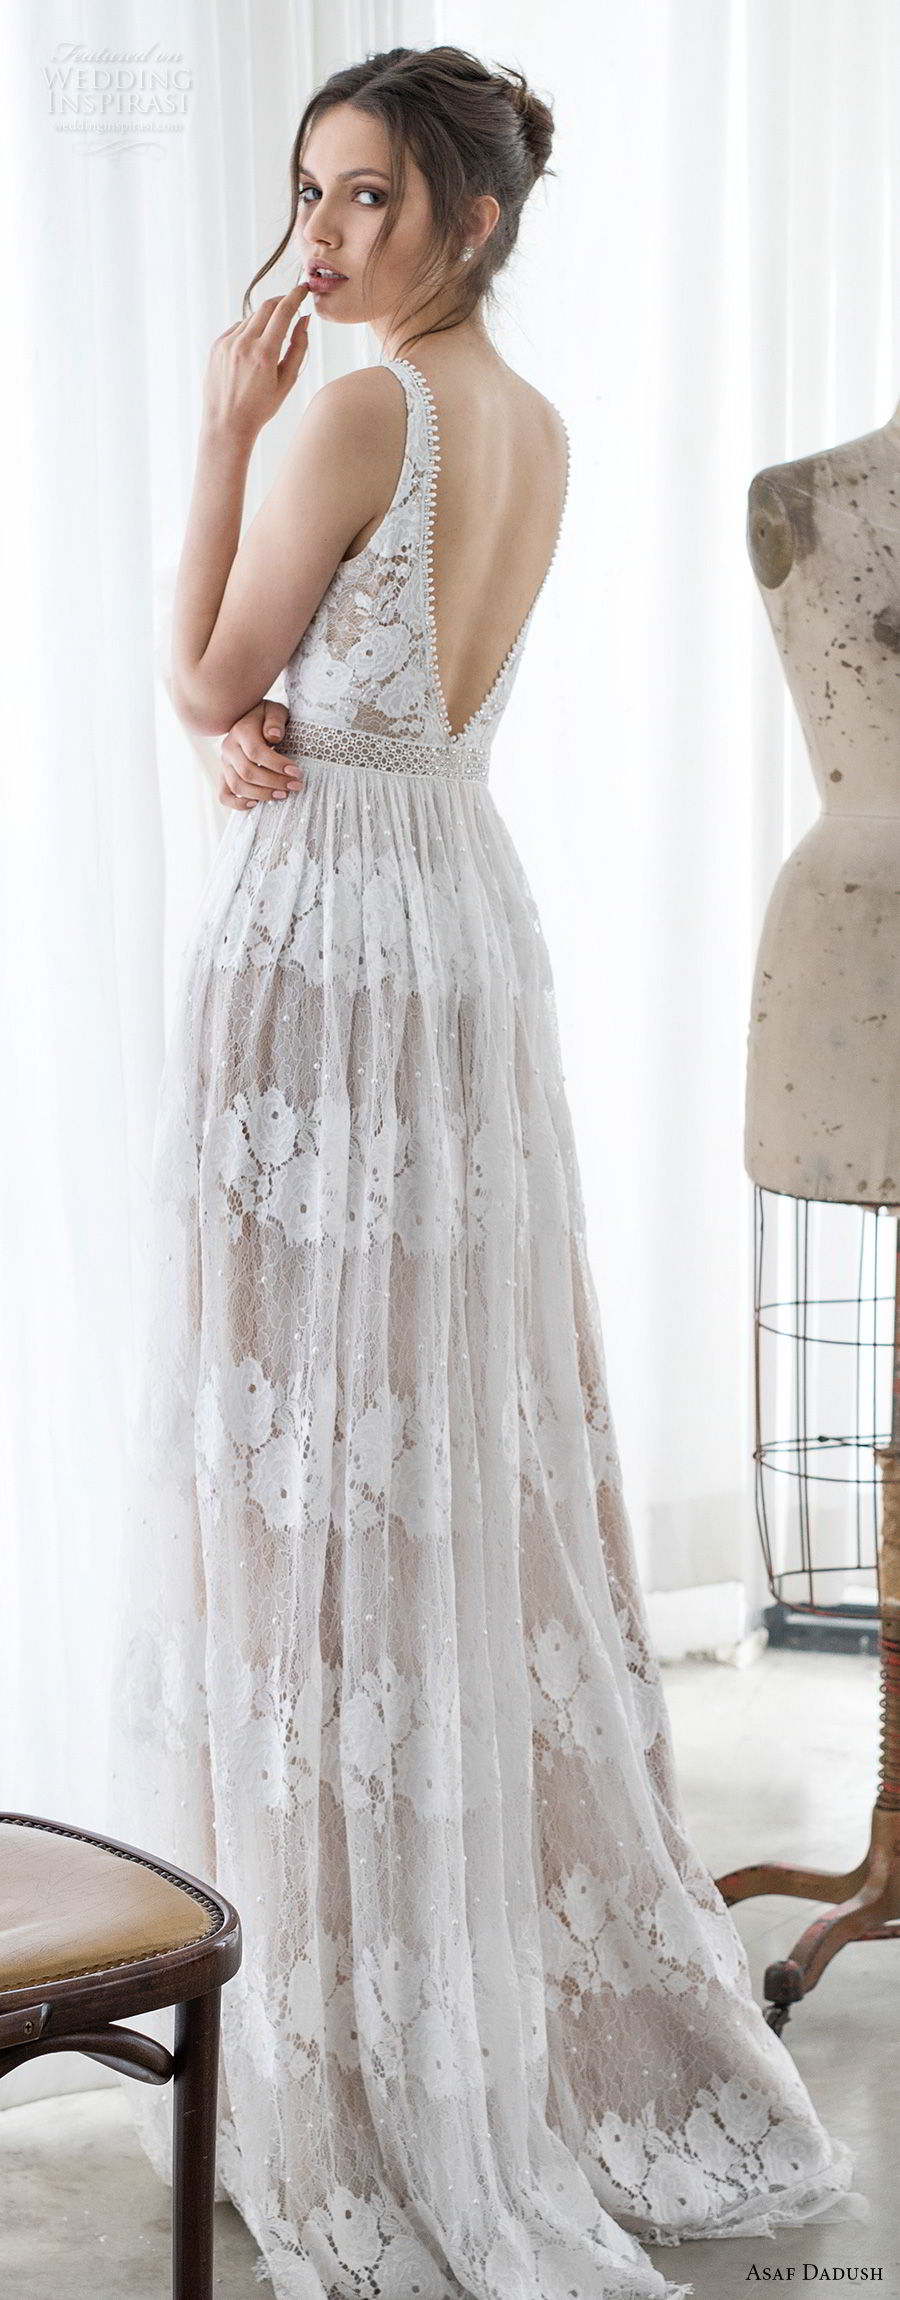 asaf dadush 2017 bridal sleeveless v neck full embellishment romantic soft a  line wedding dress open v back sweep train (12) bv